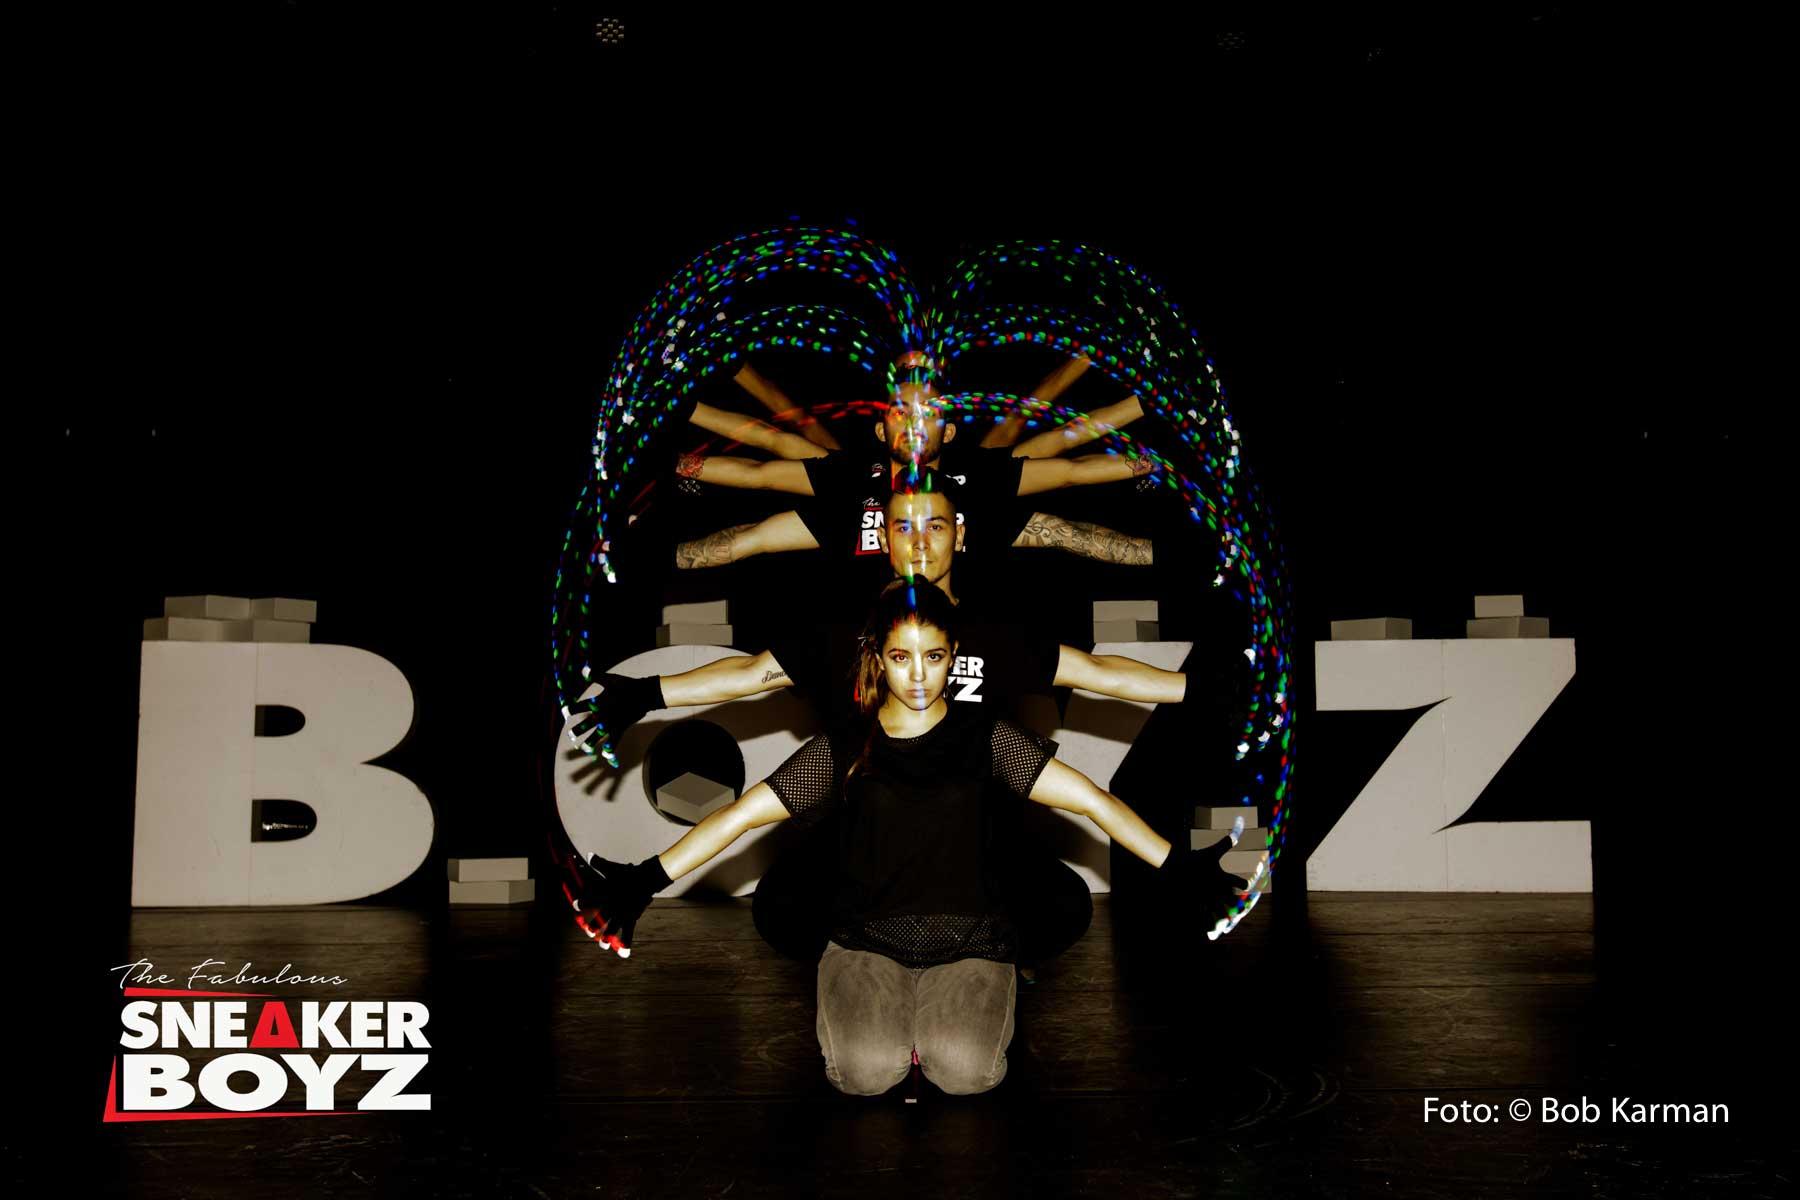 BNK201602-Sneakerboyz-2591